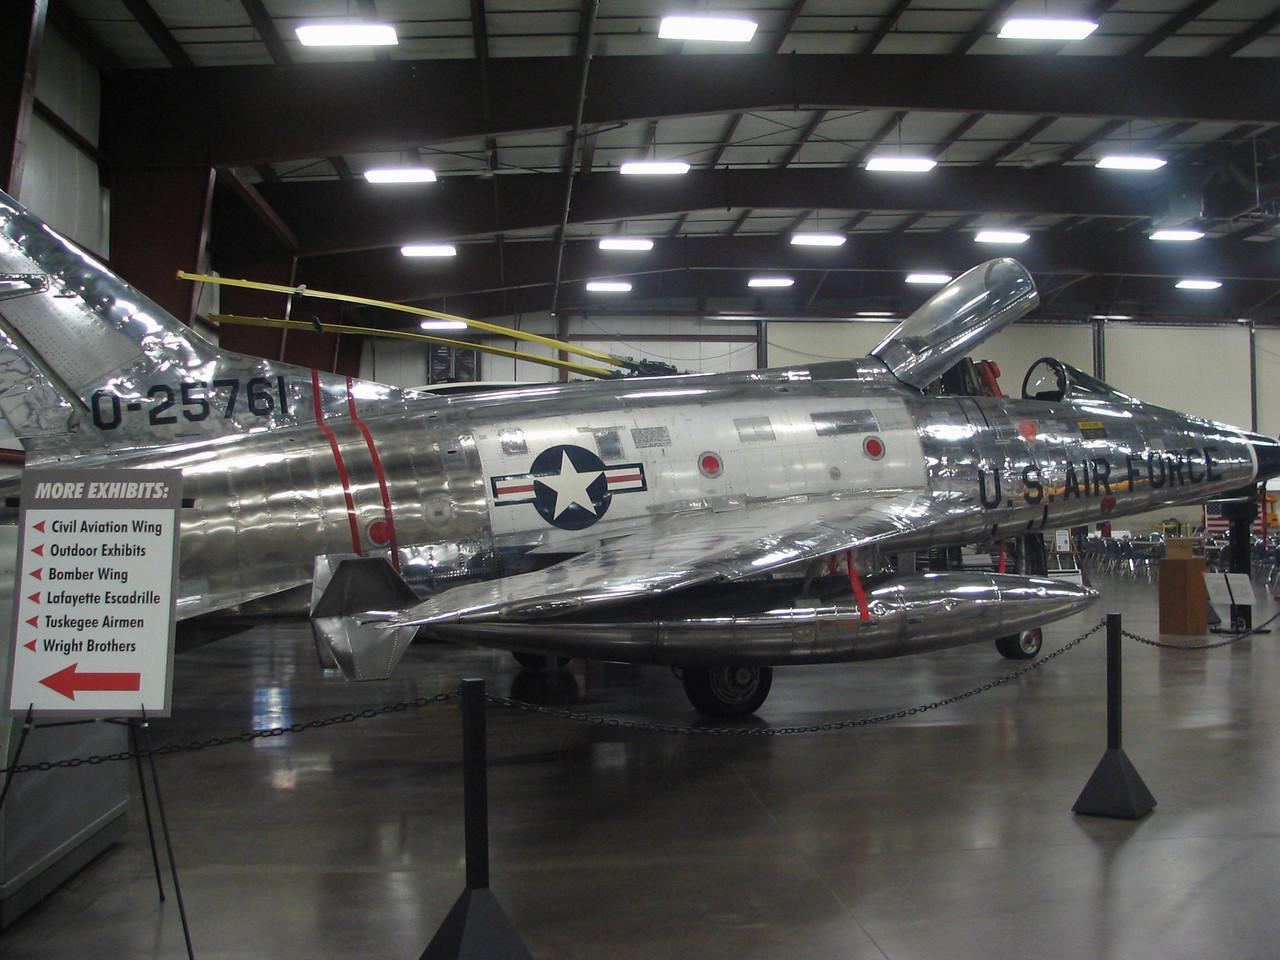 North American F-100A Super Sabre